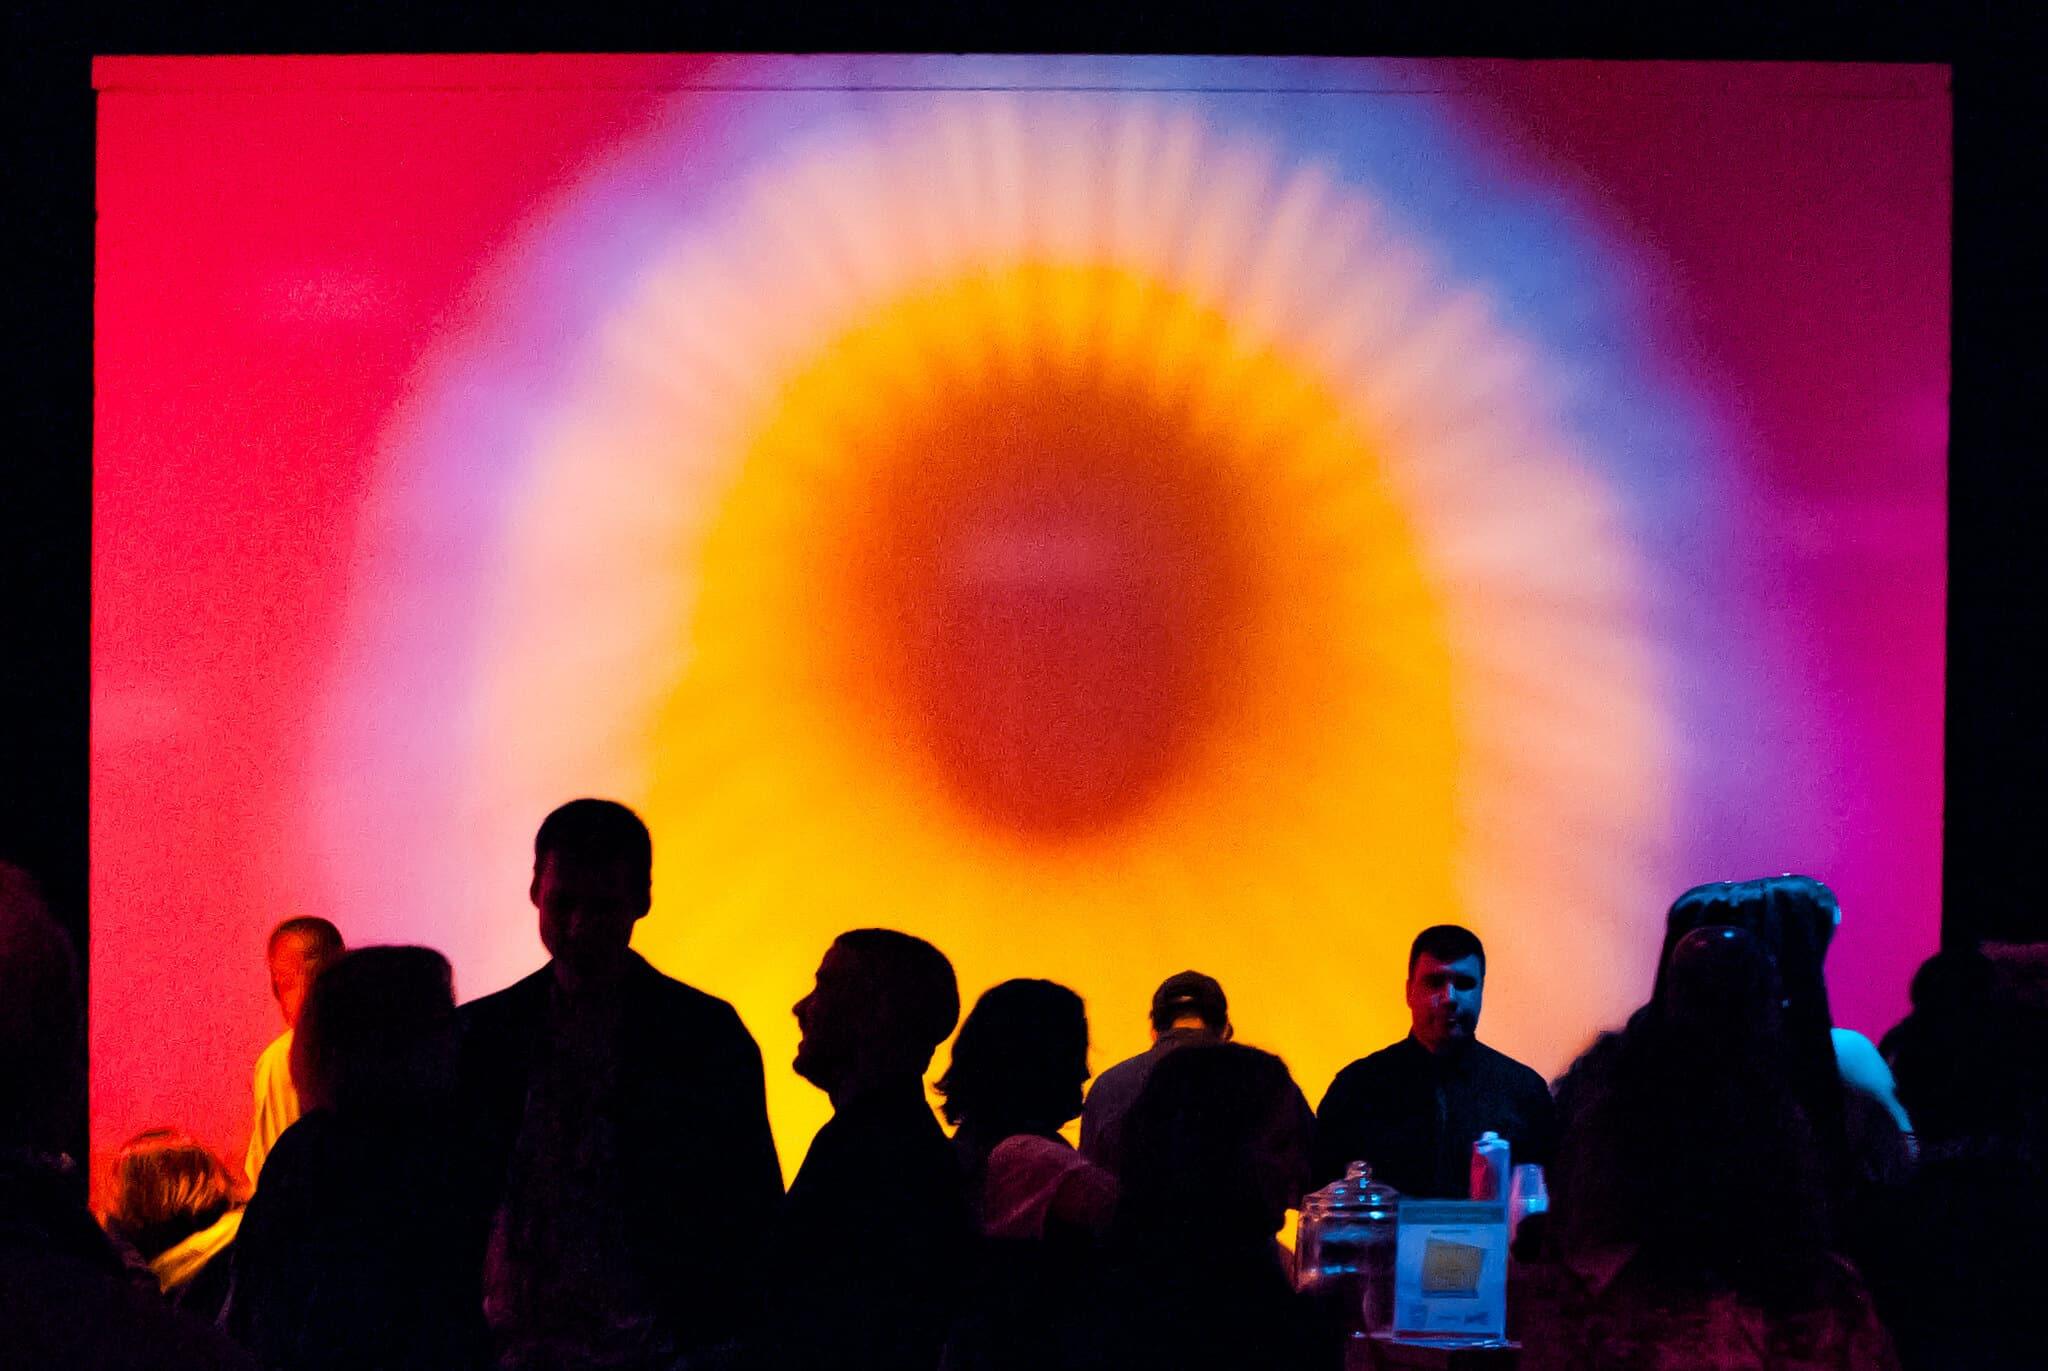 Job Opportunity: Scene Technician, Lighting - SOMArts